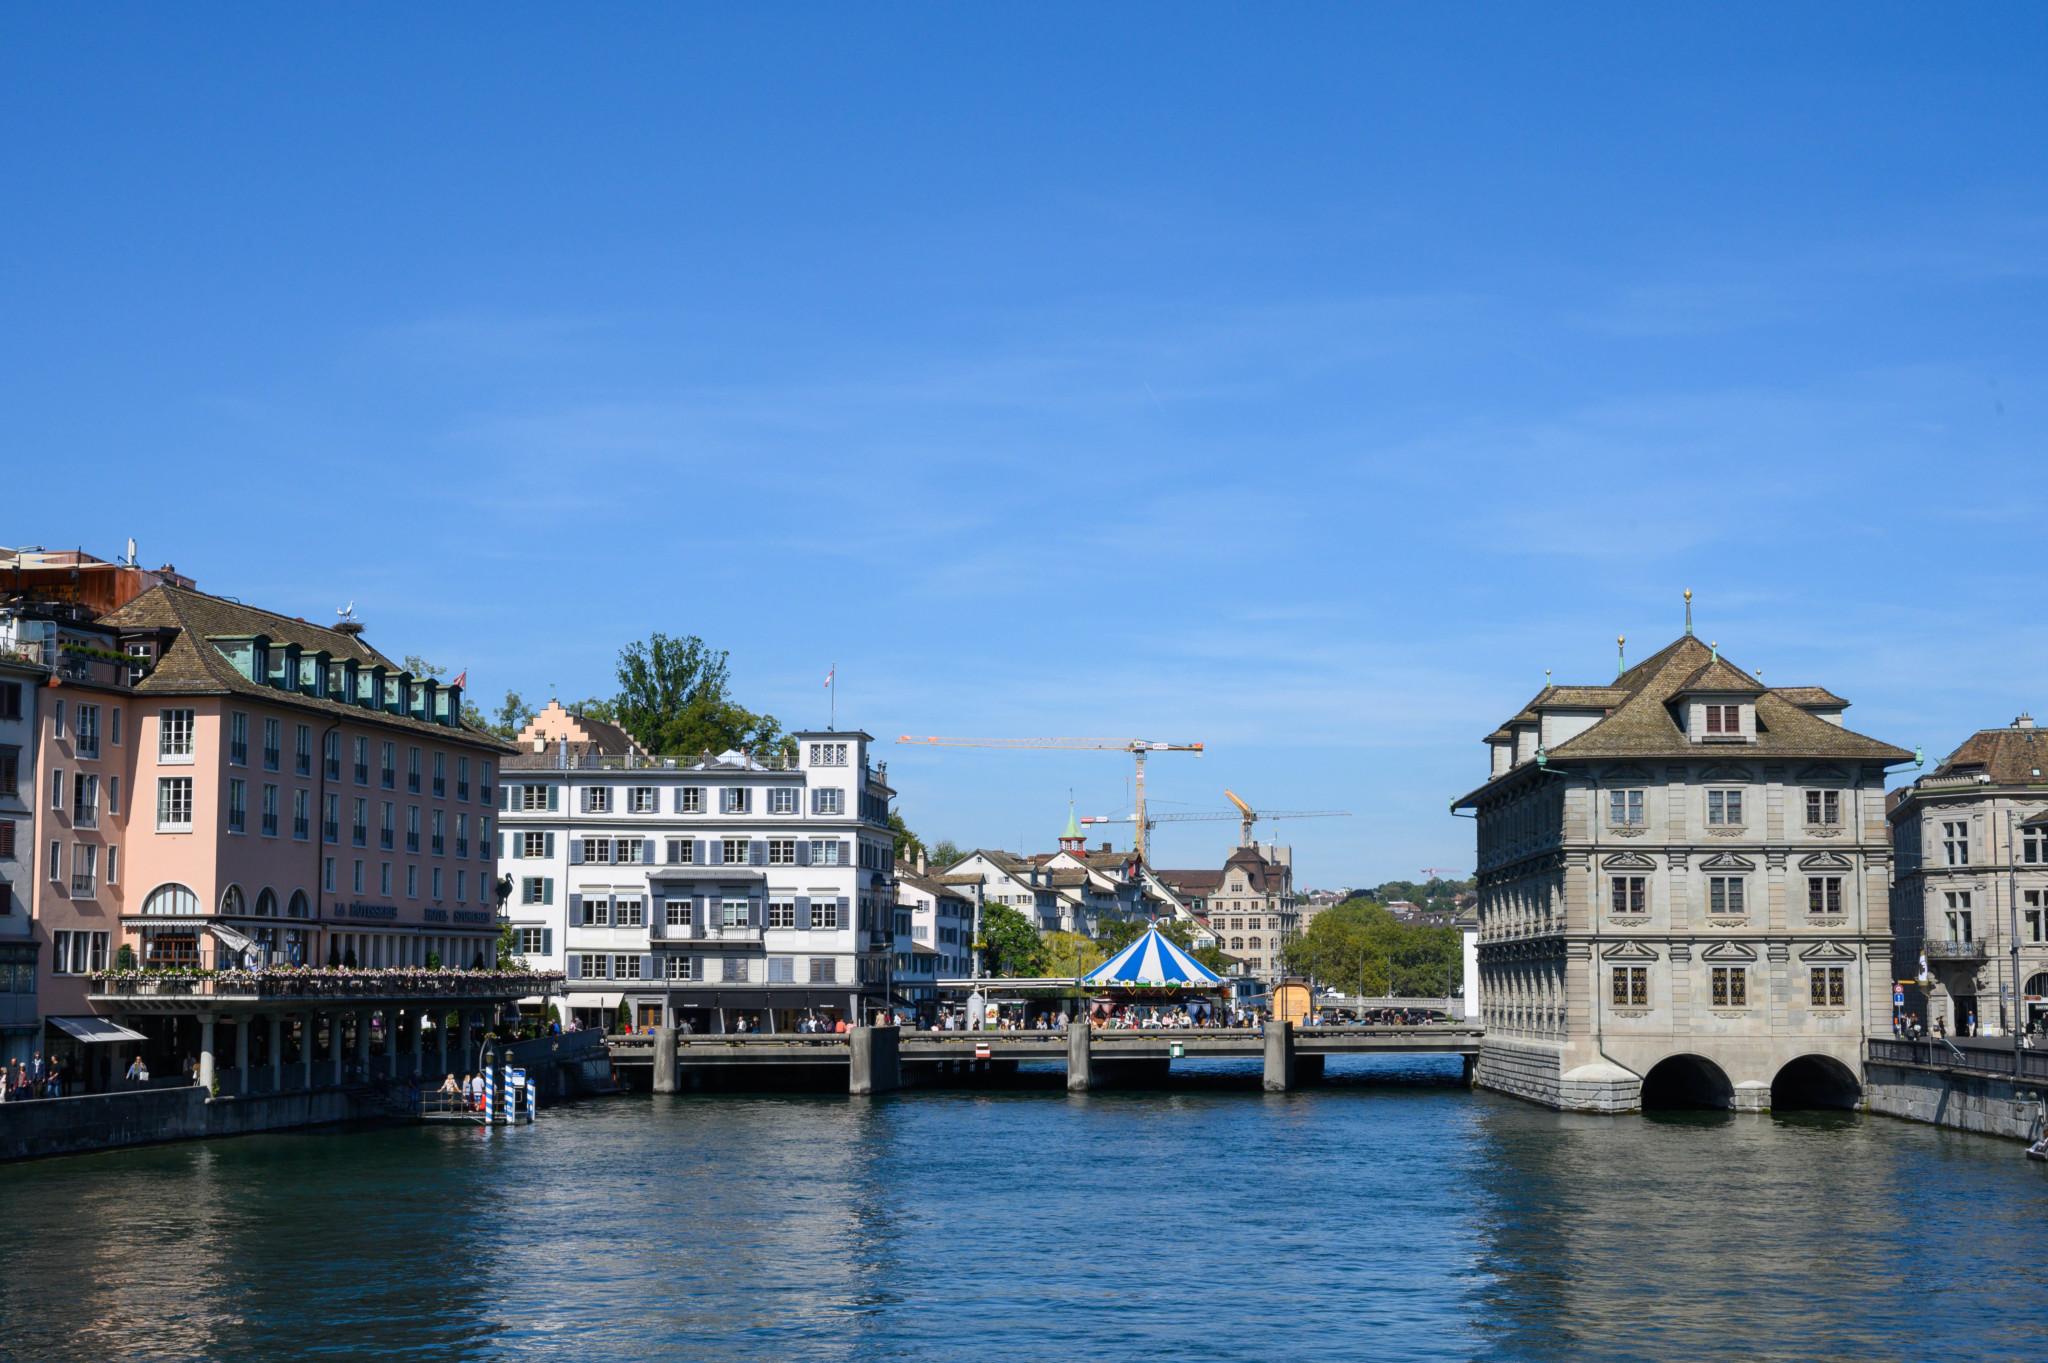 Das Rathaus von Zürich darf nicht fehlen